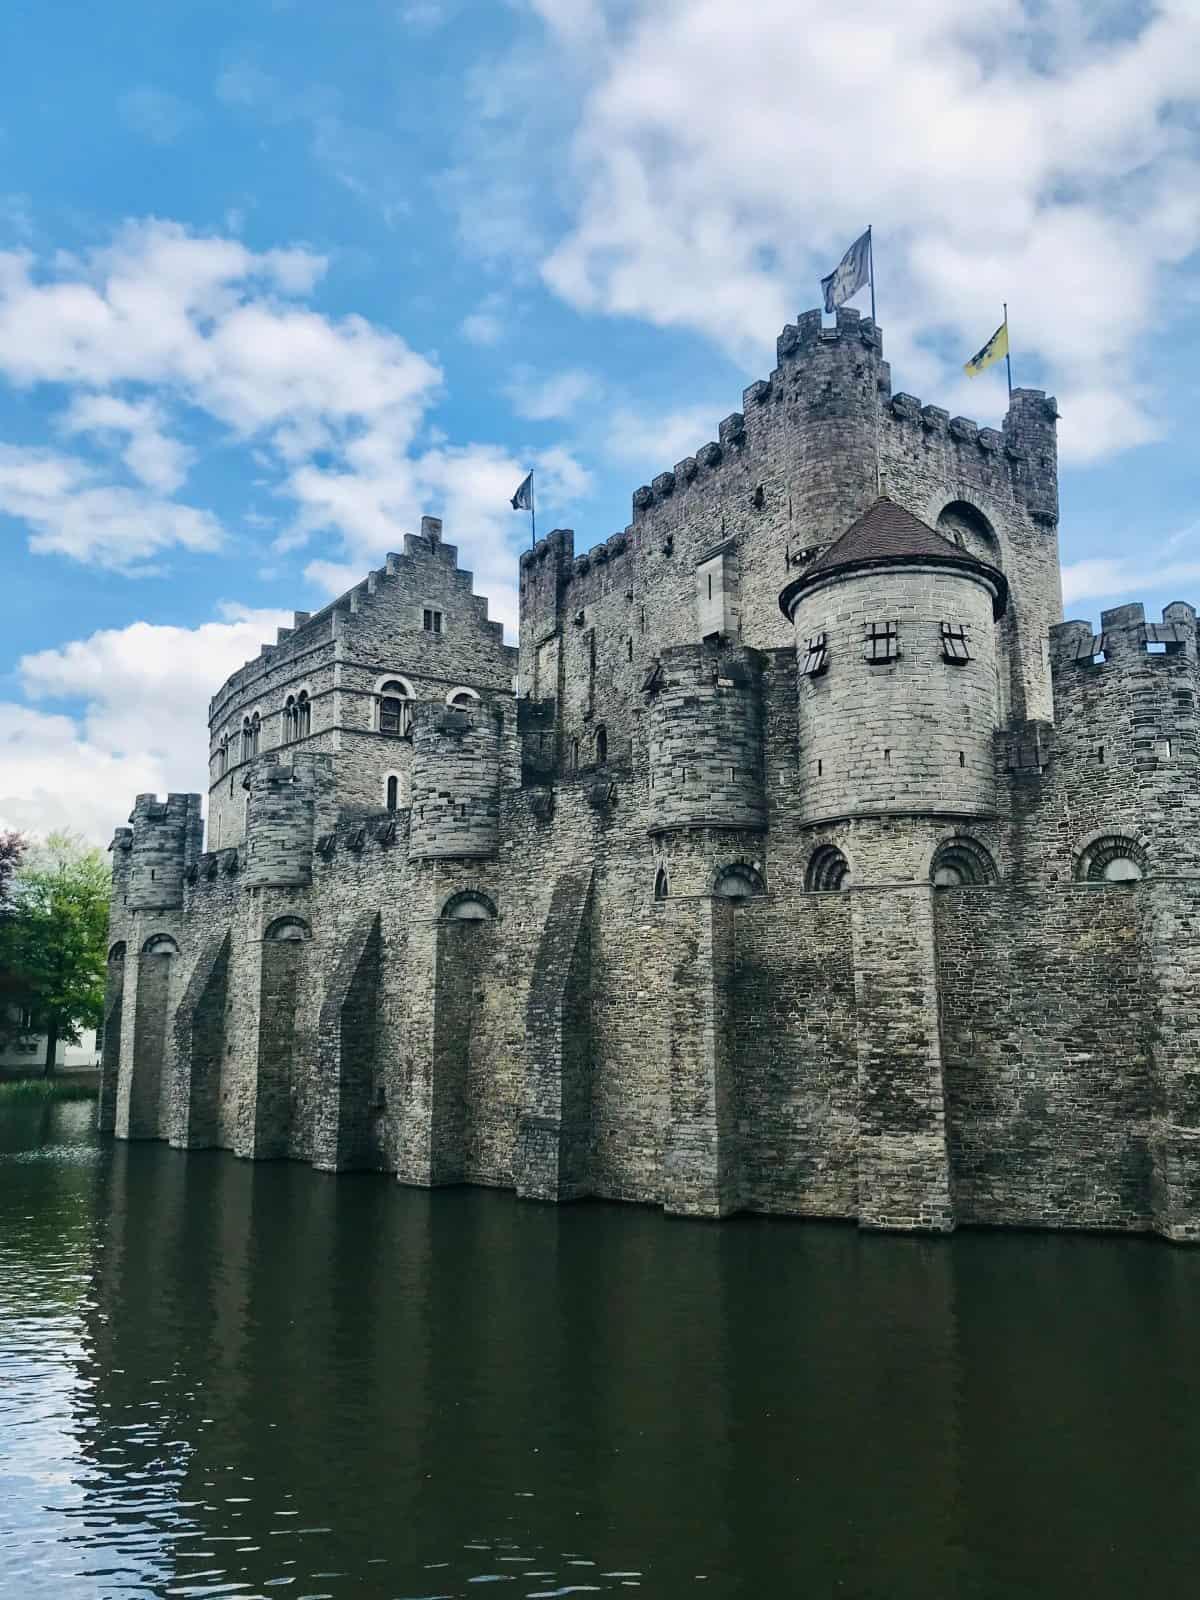 Castle of Gravensteen, Belgium